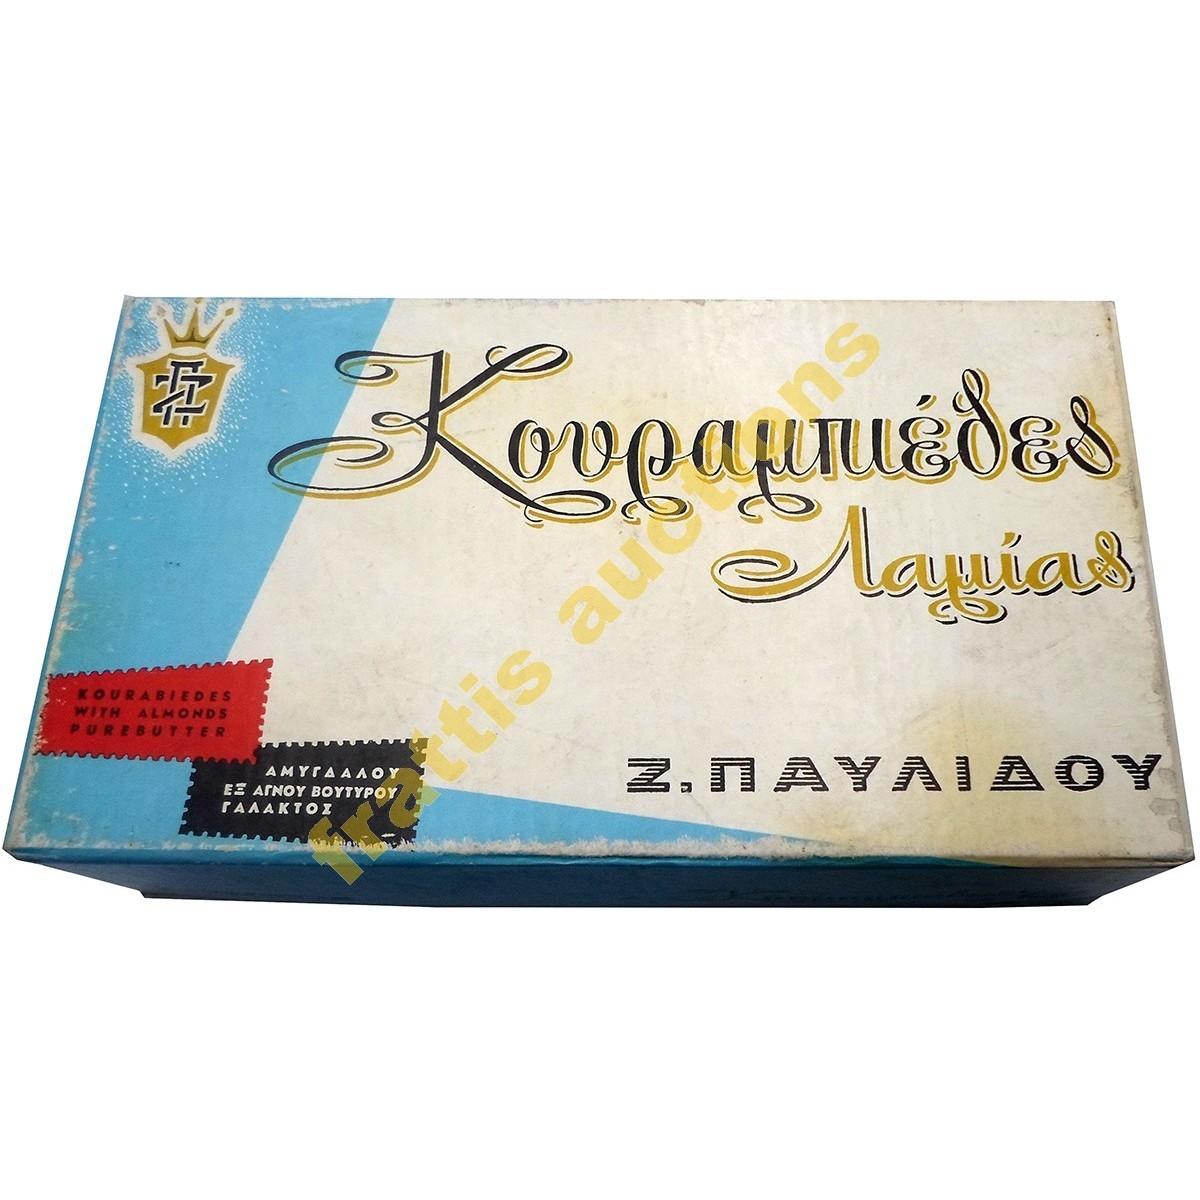 Κουραμπιέδες Λαμίας, Ζ.Παυλίδου, χάρτινο κουτί.